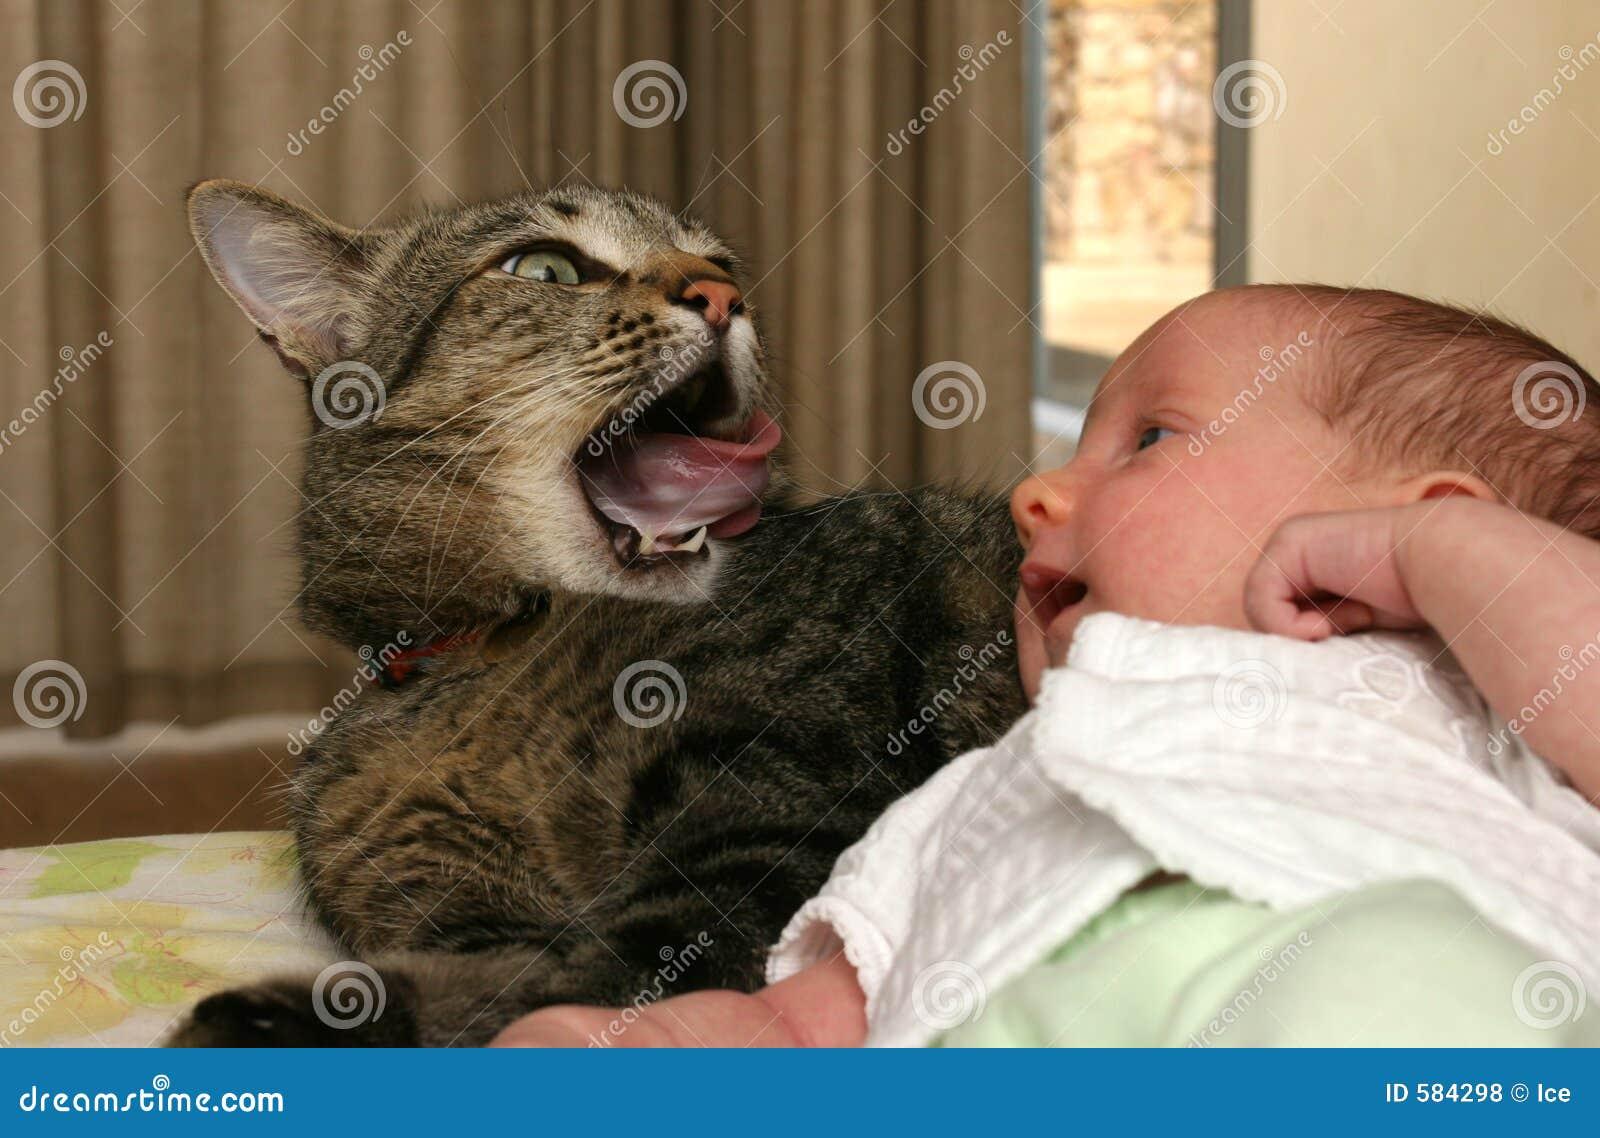 младенец наблюдаемым котом